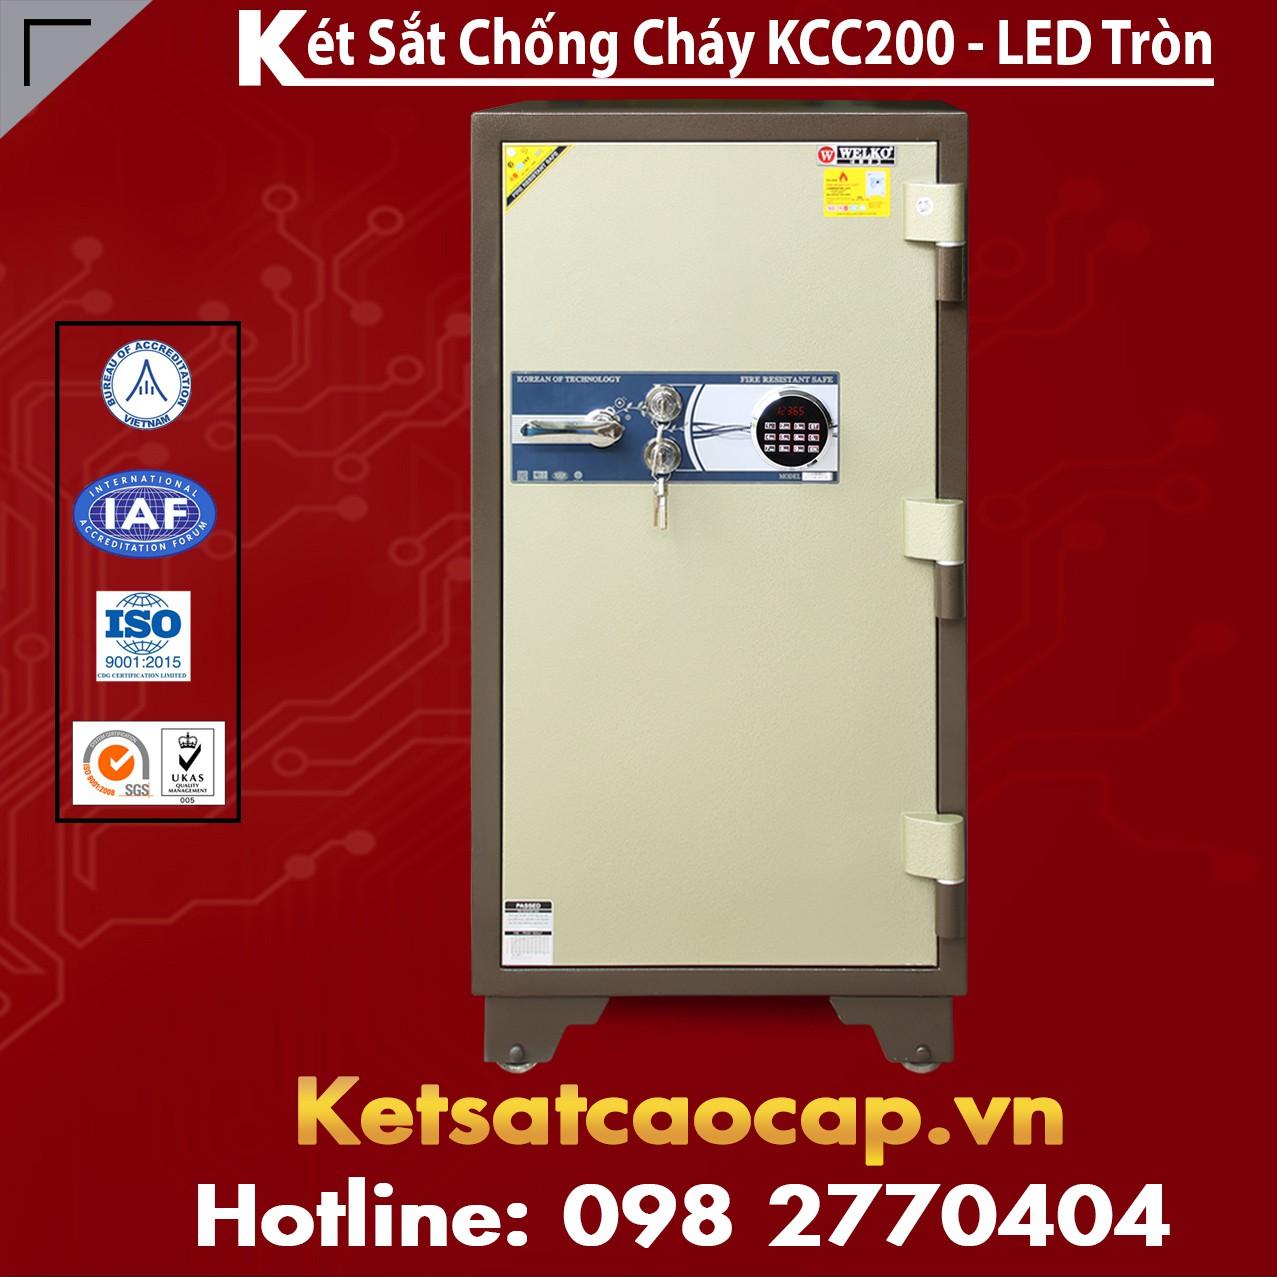 Két Sắt Bình Dương WELKO KCC200 - LED